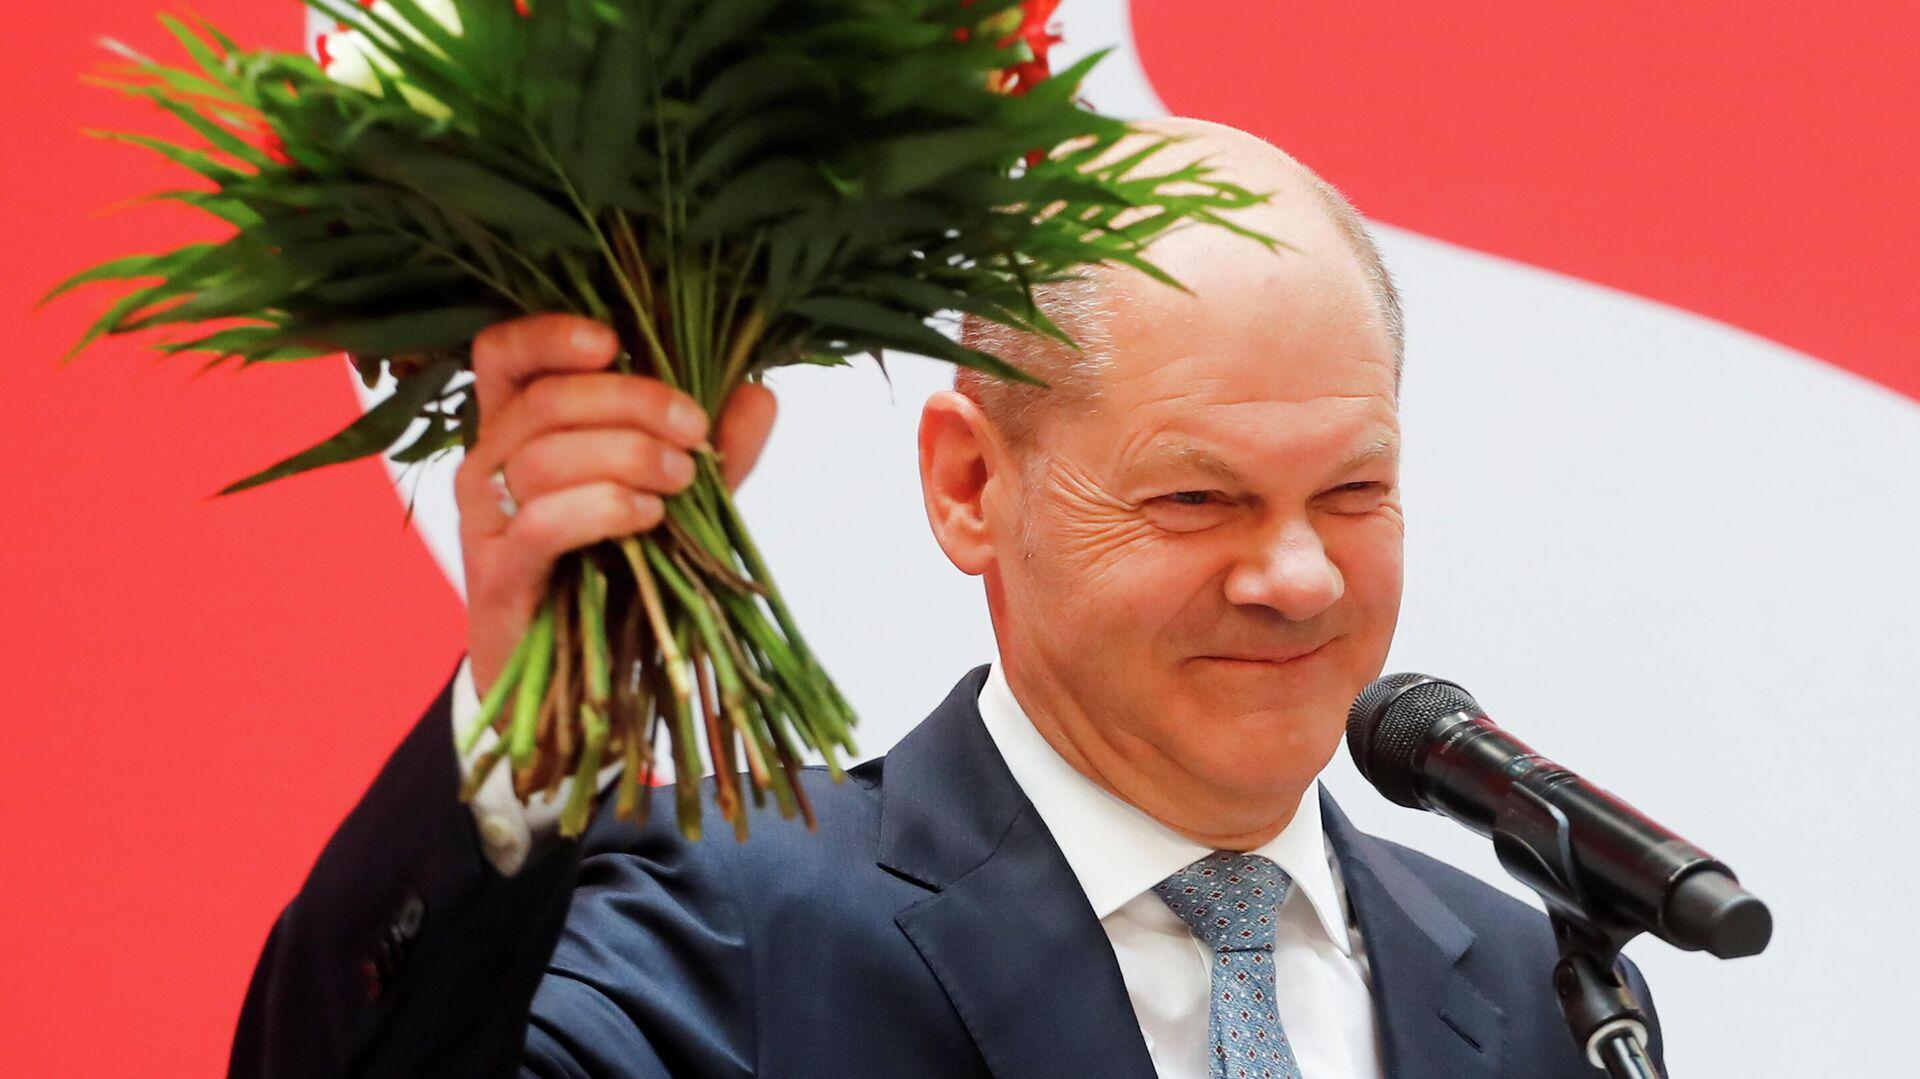 Кандидат в канцлеры Германии Олаф Шольц в Берлине - РИА Новости, 1920, 27.09.2021